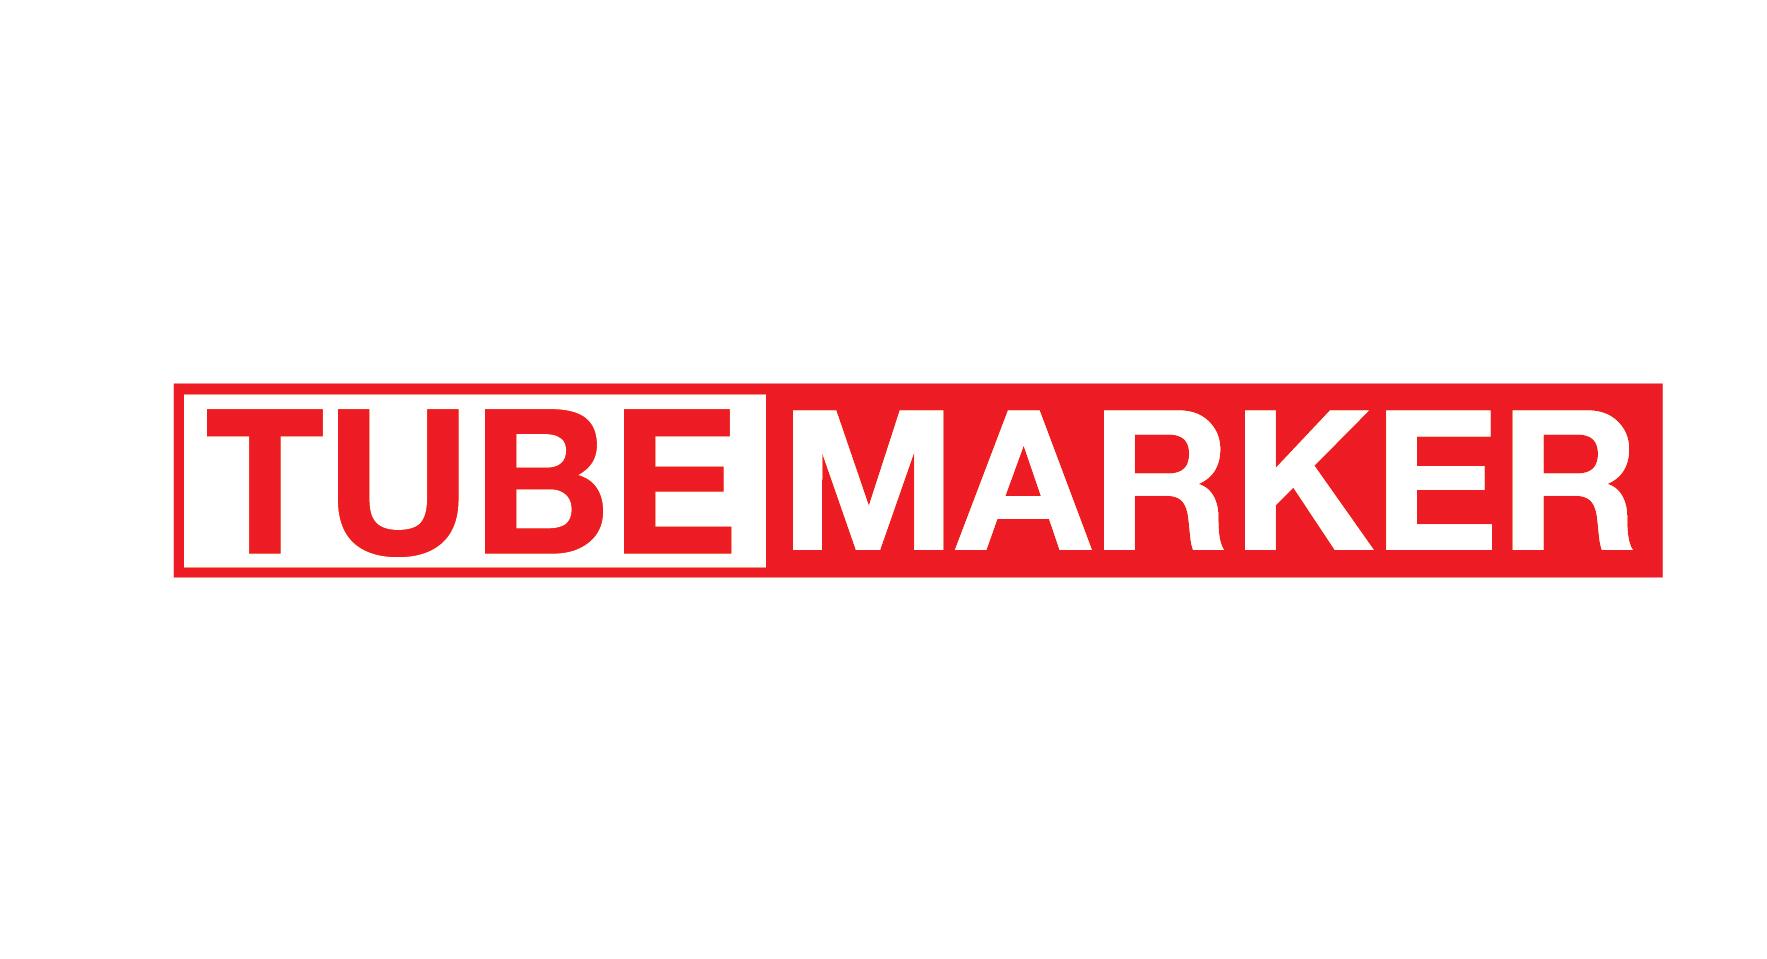 เครื่องมือวัดและควบคุมในงานอุตสาหกรรมจาก TUBEMARKER